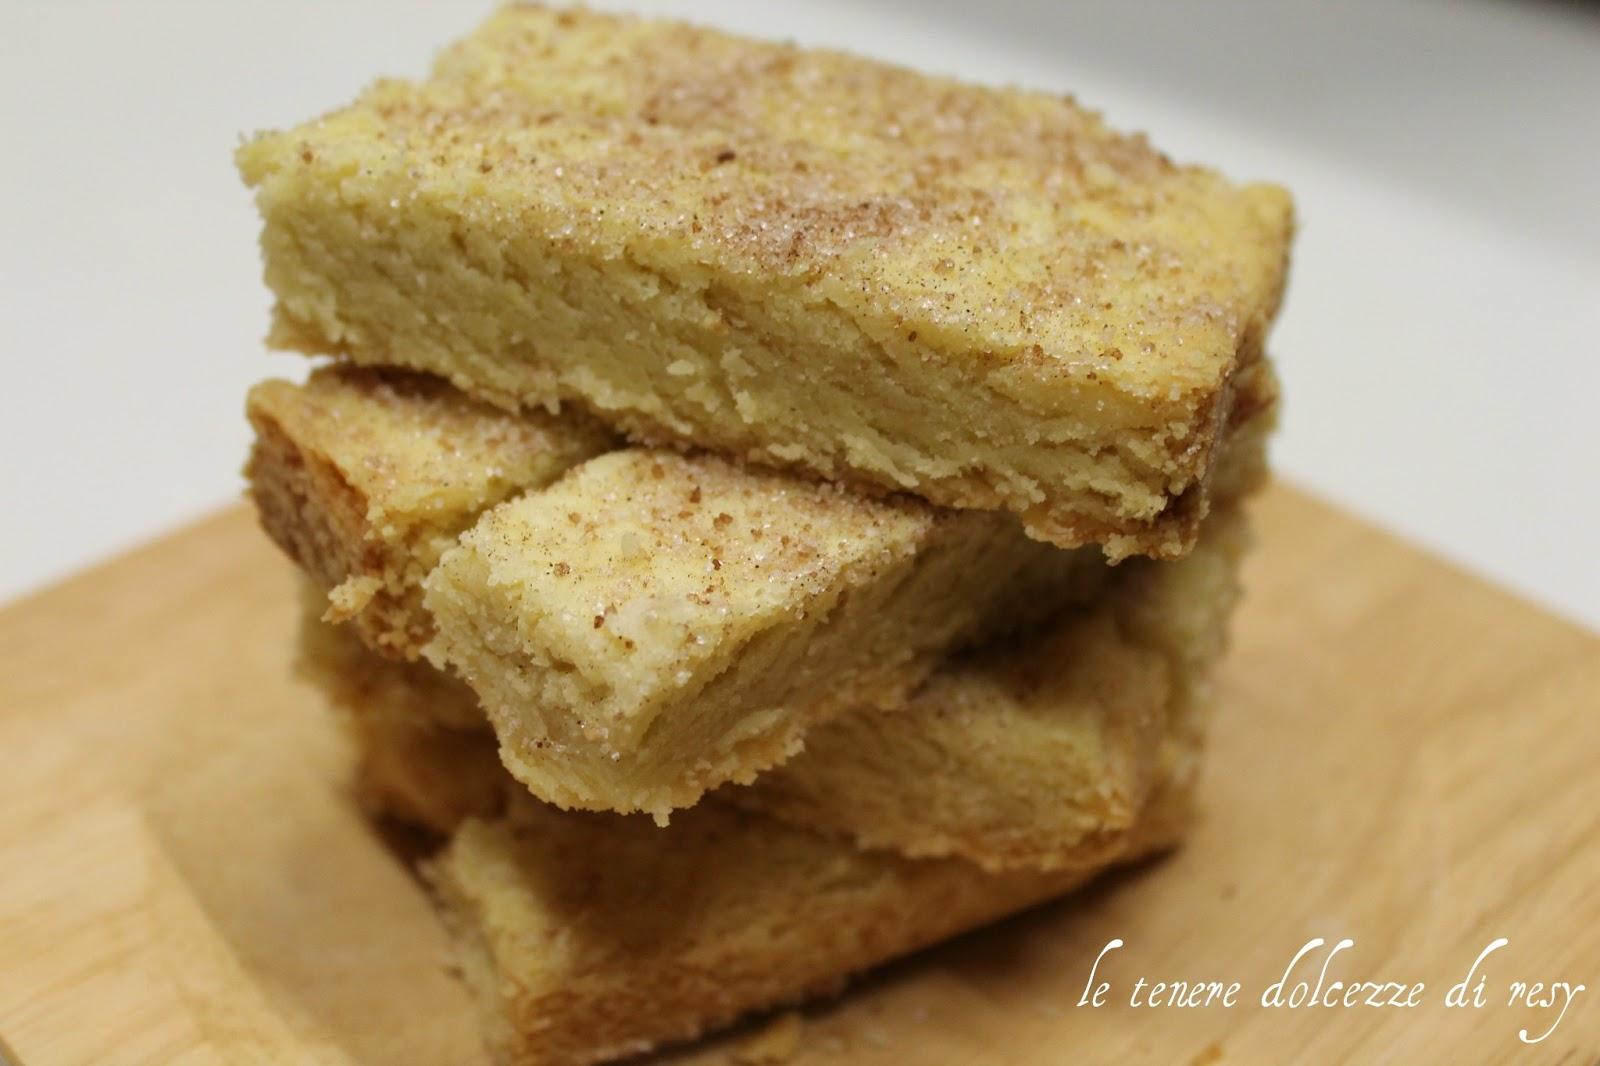 le tenere dolcezze di resy: Gli Scottish shortbread cookies